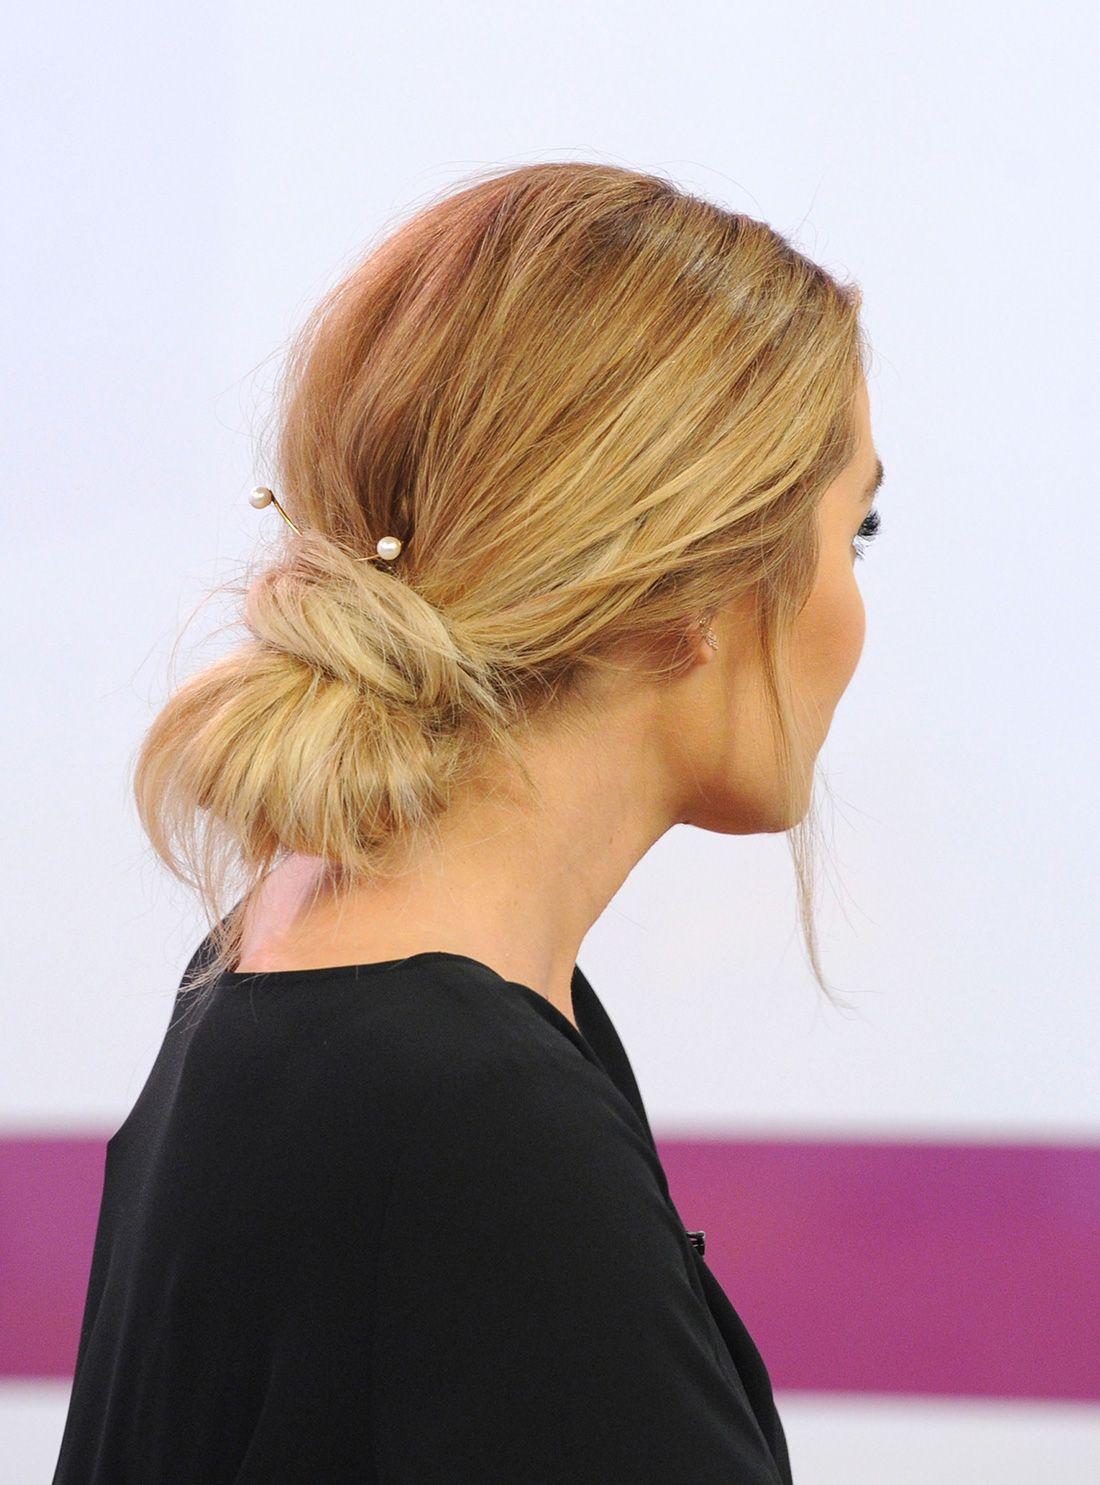 lauren conrad is a hair goddess. love this messy bun hack